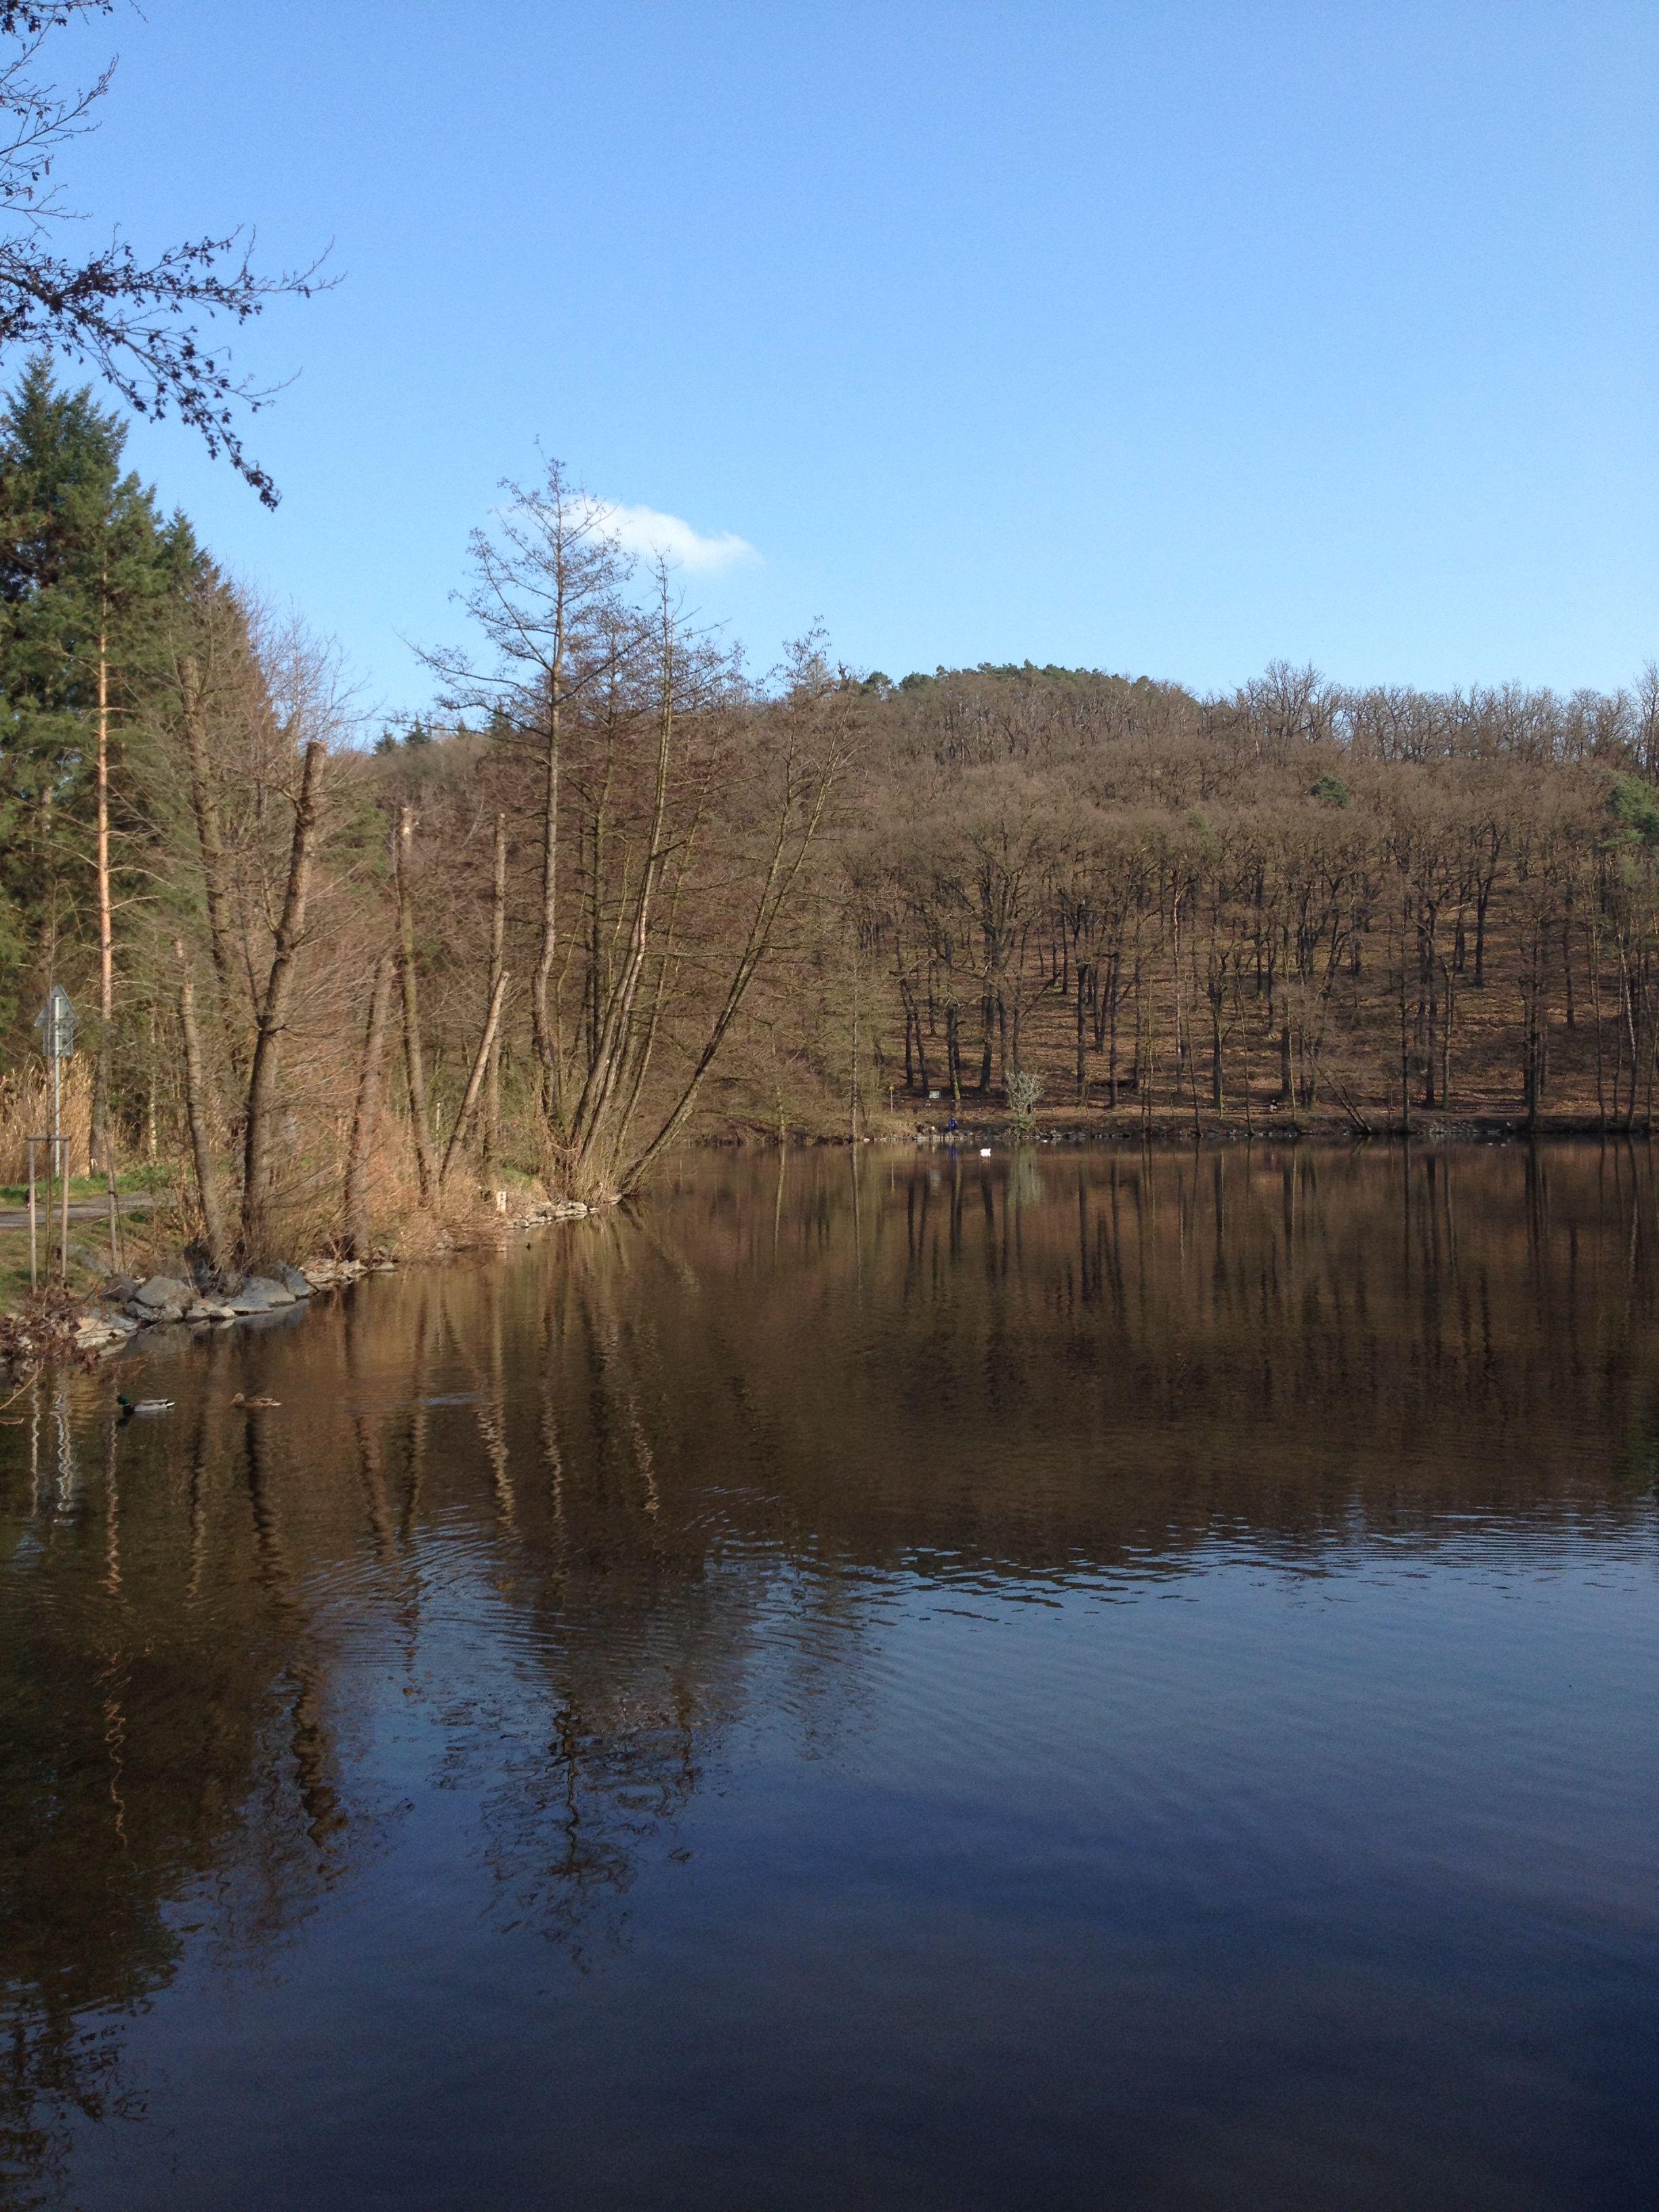 En mi barrio había un bosque - Kunratický les, era muy amplio y bonito. Y también había un estanque. Me gustaba mucho la naturaleza.